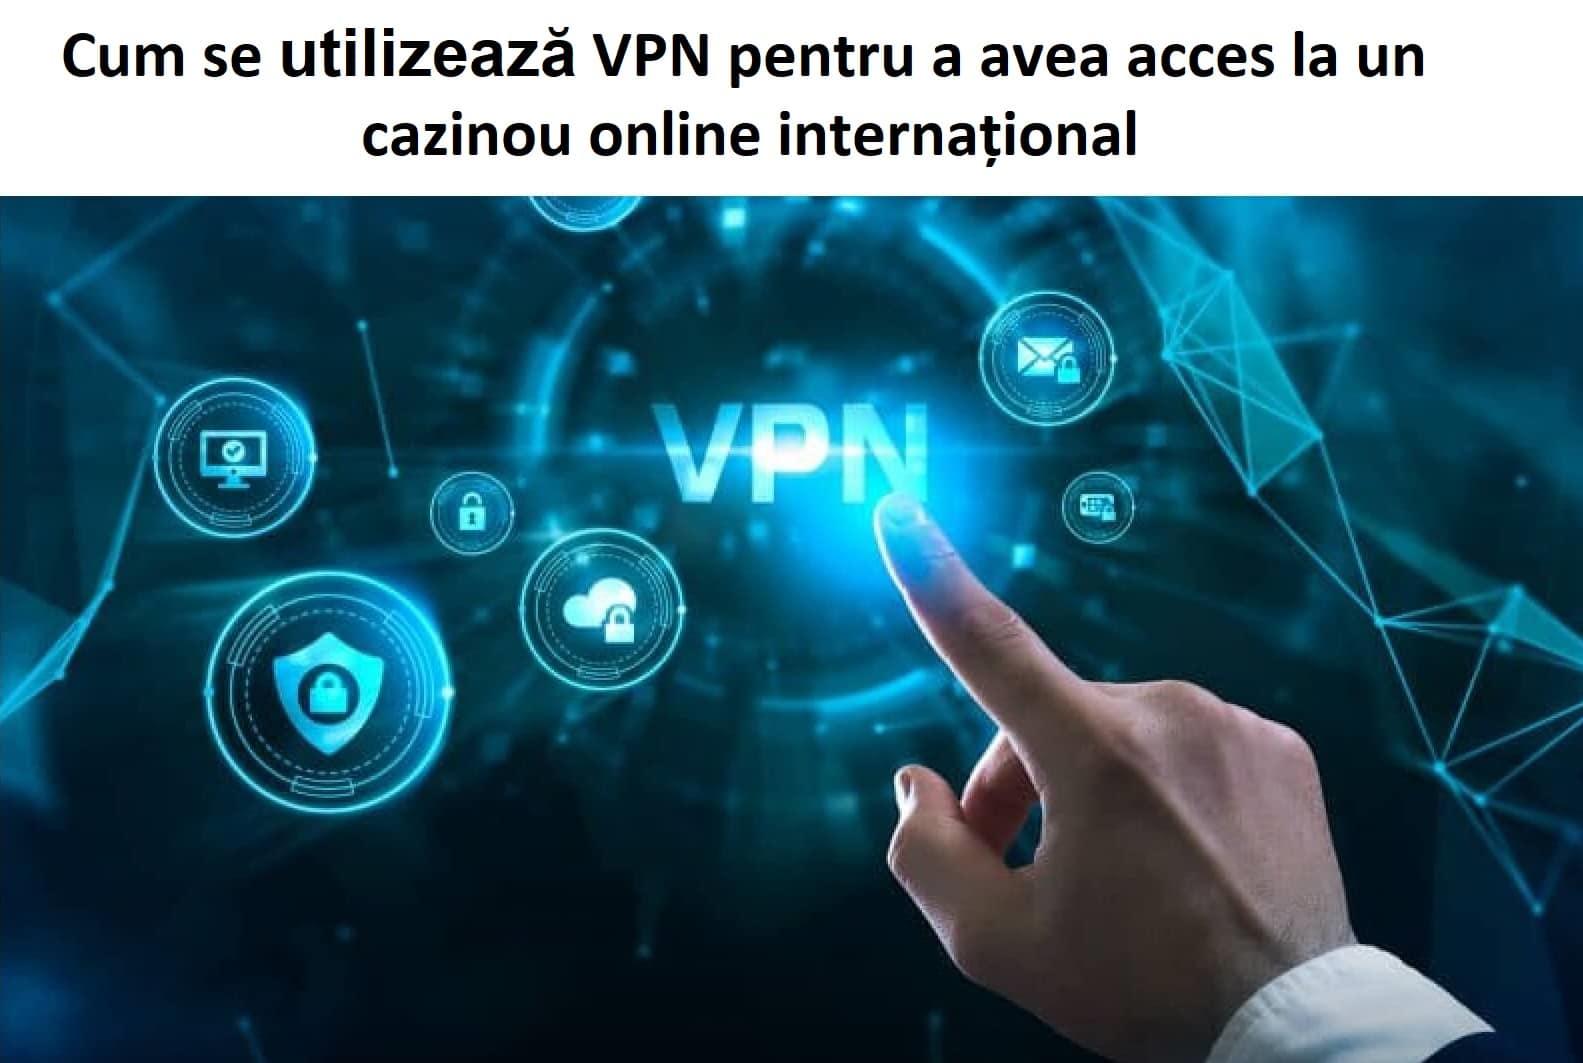 Cum se utilizează VPN pentru a avea acces la un cazinou online internațional